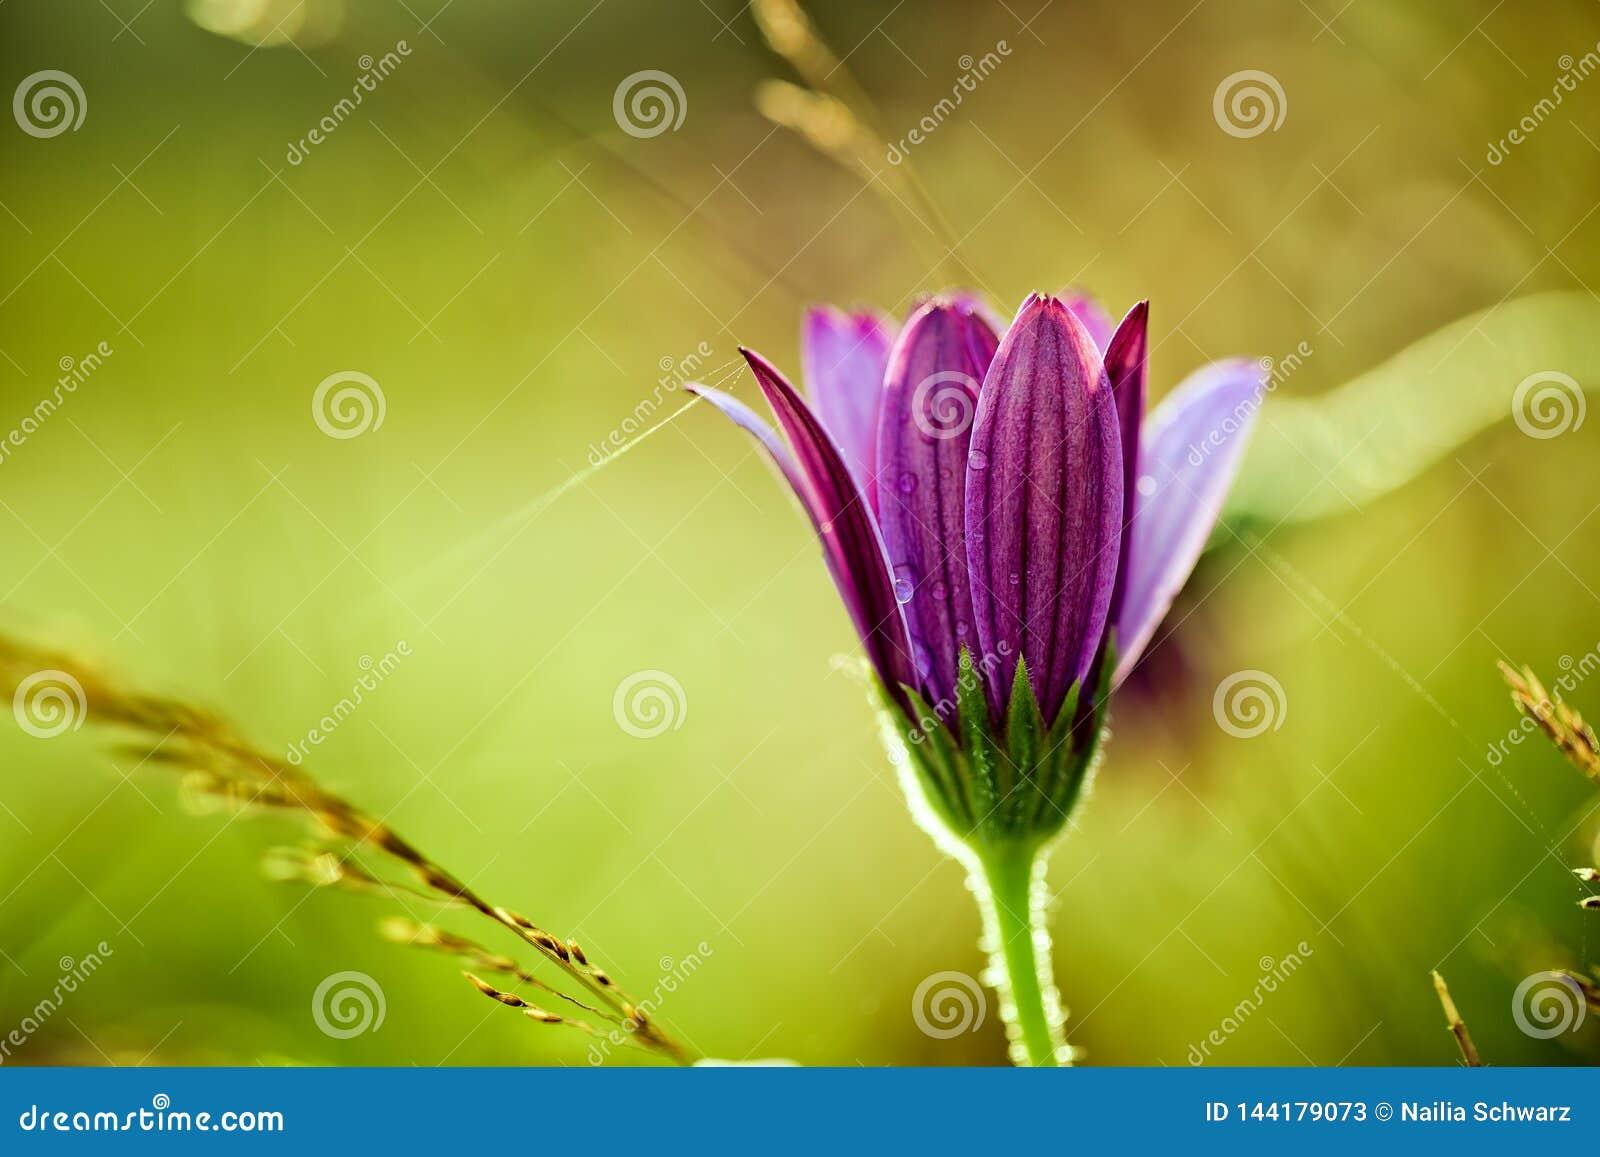 Flower on Summer Meadow